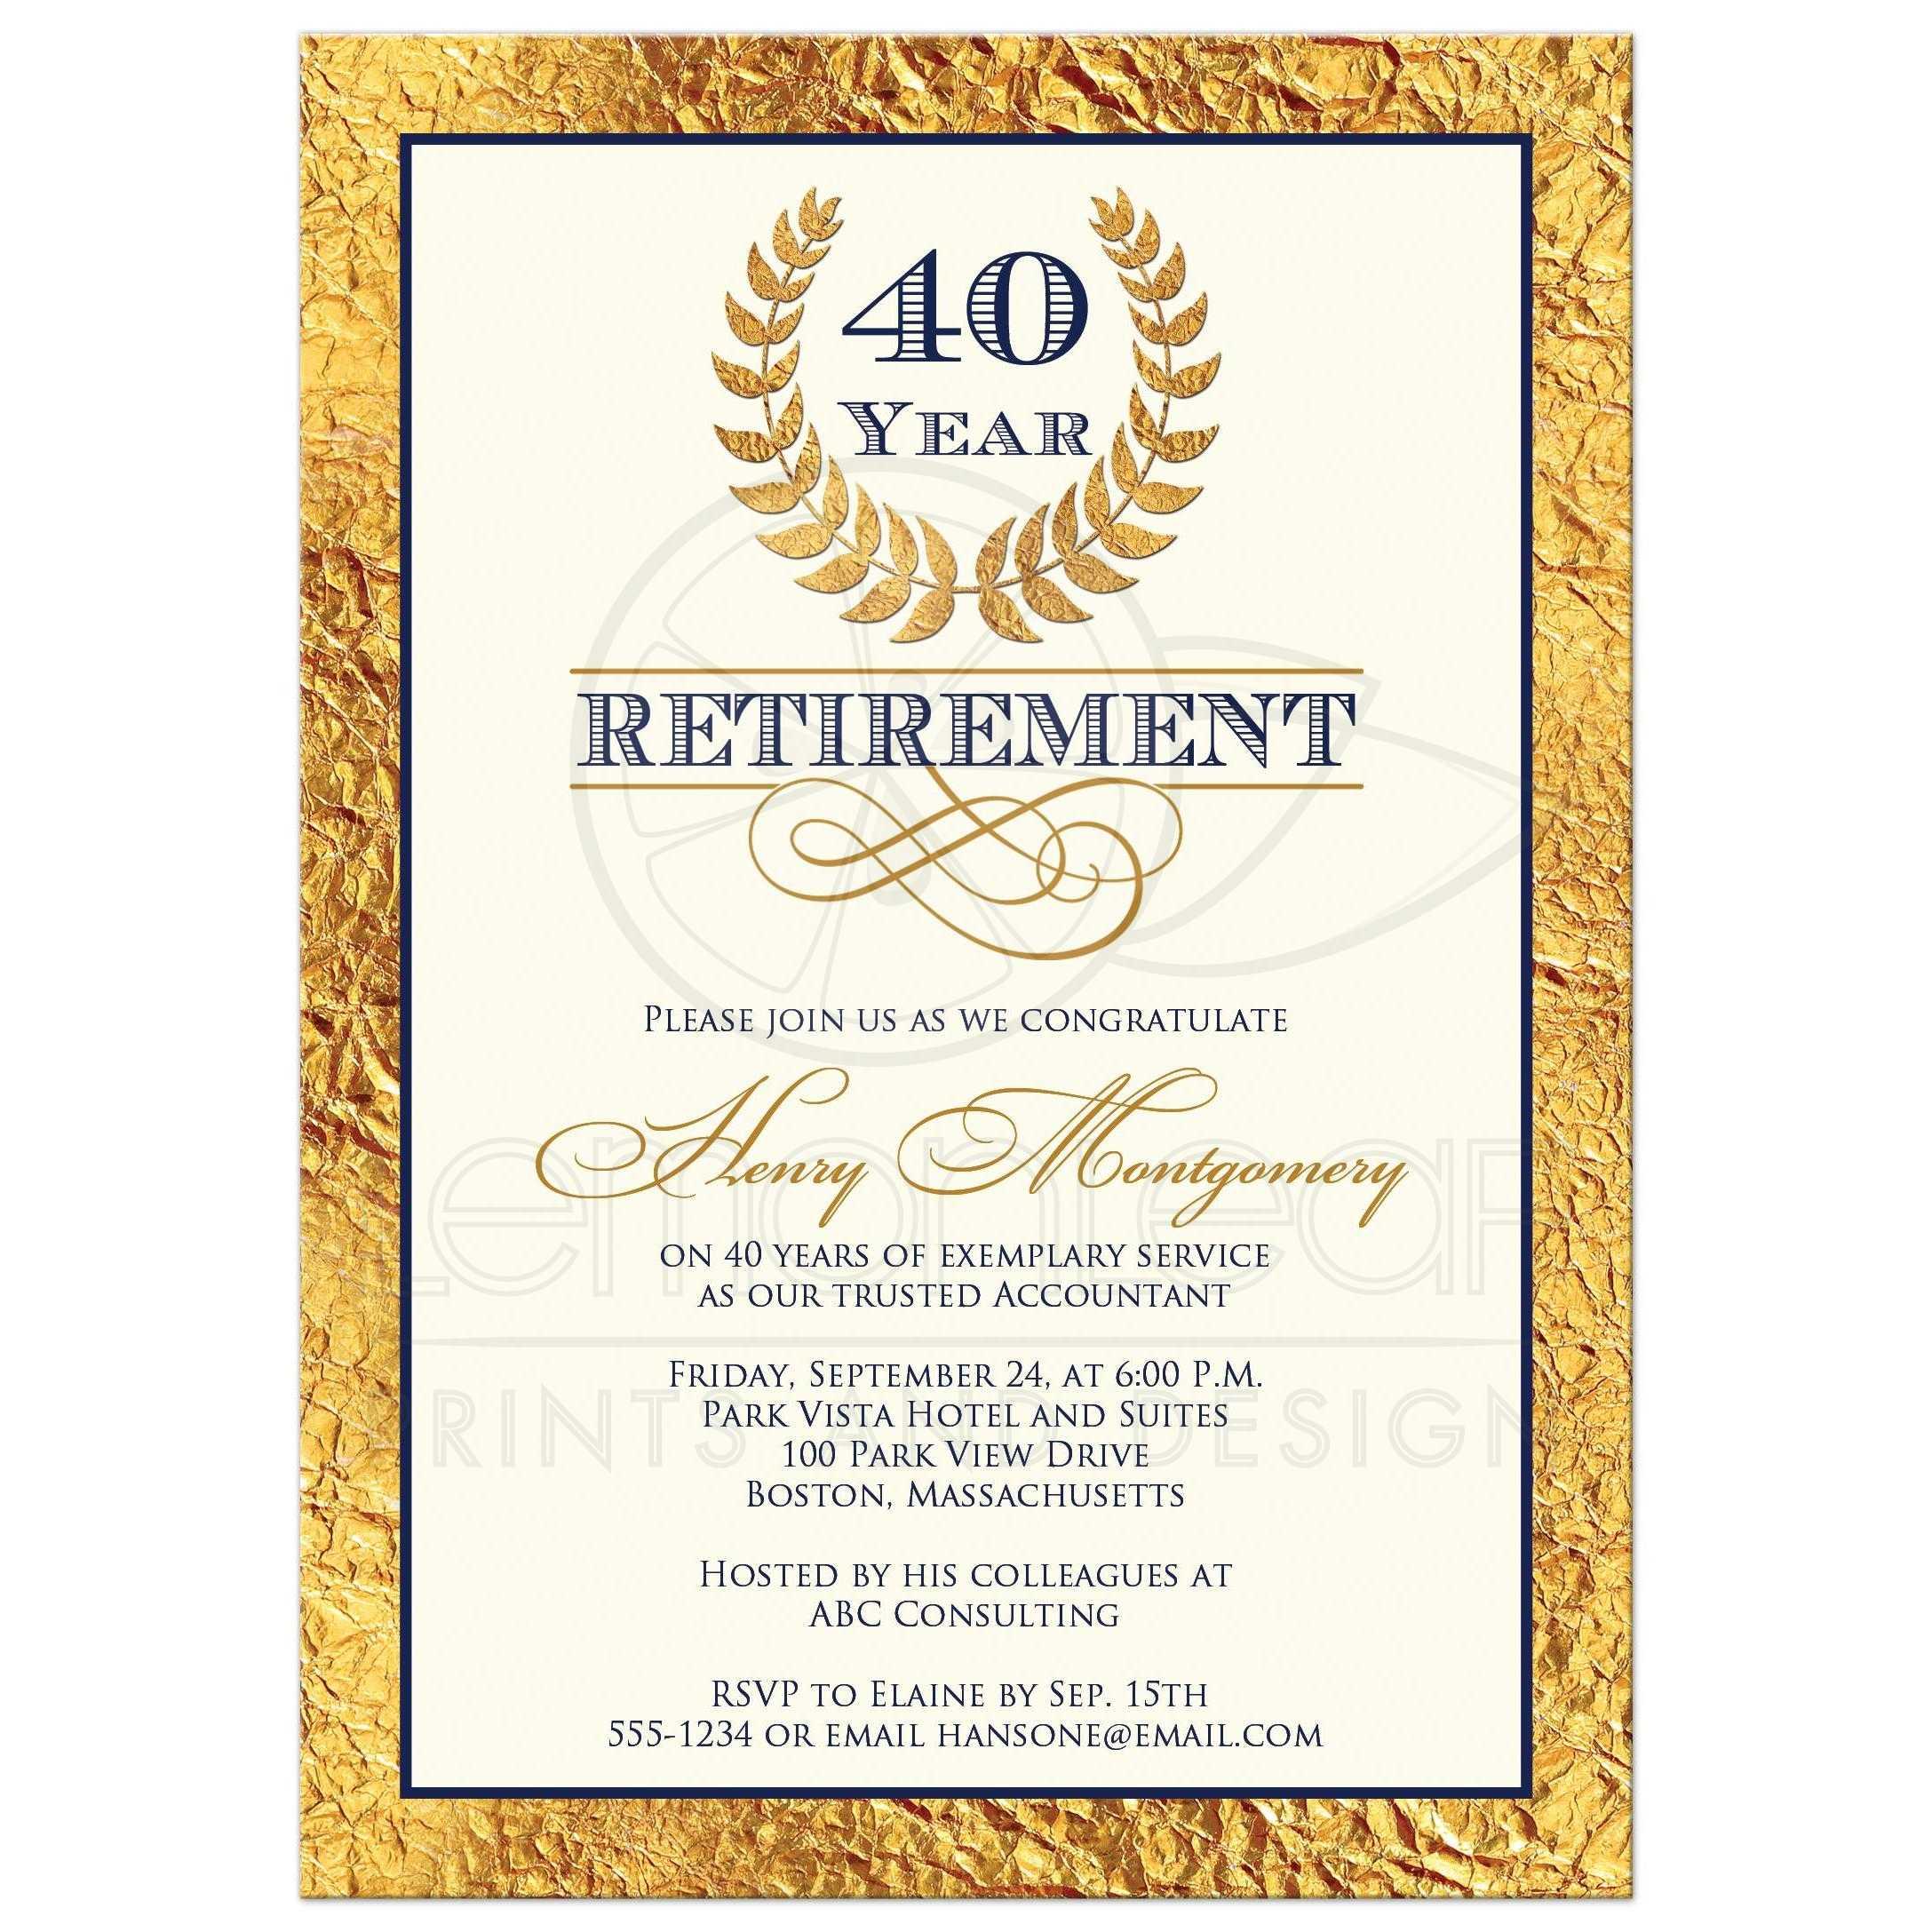 40 Year Retirement Party Invitation Laurel Wreath Faux Gold Foil Navy Blue